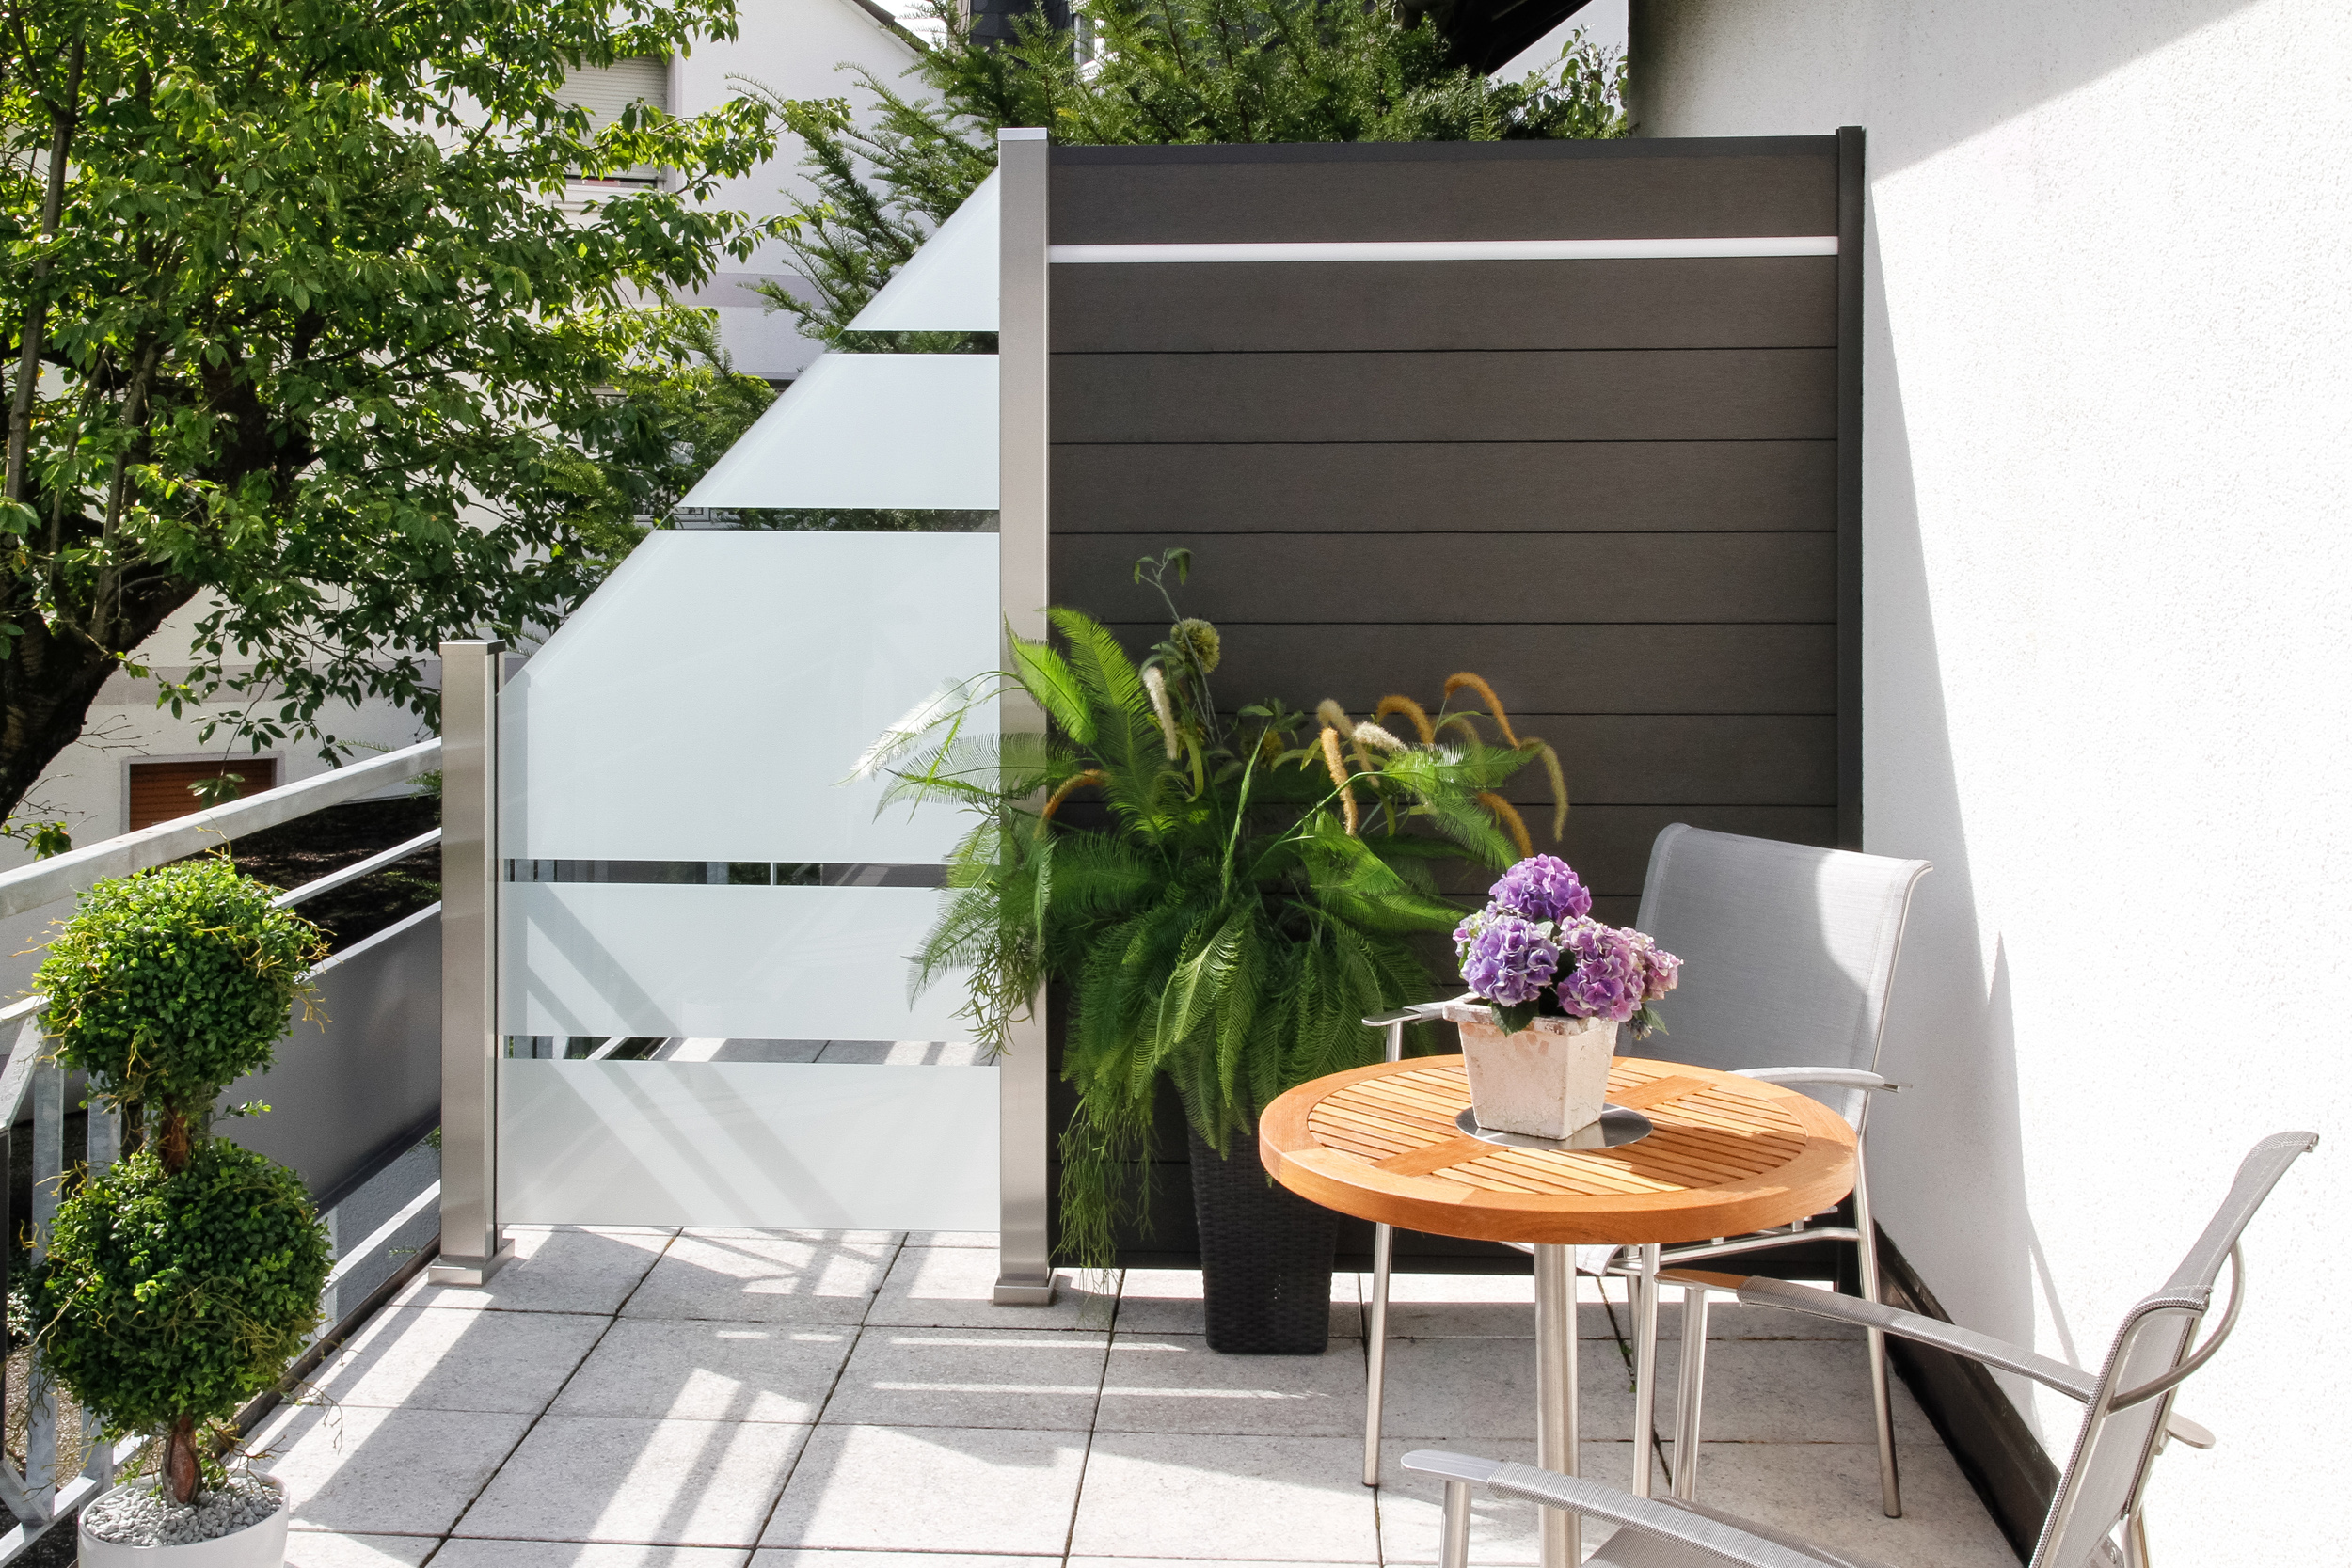 Glas im Außenbereich – freie Sicht und sicherer Windschutz